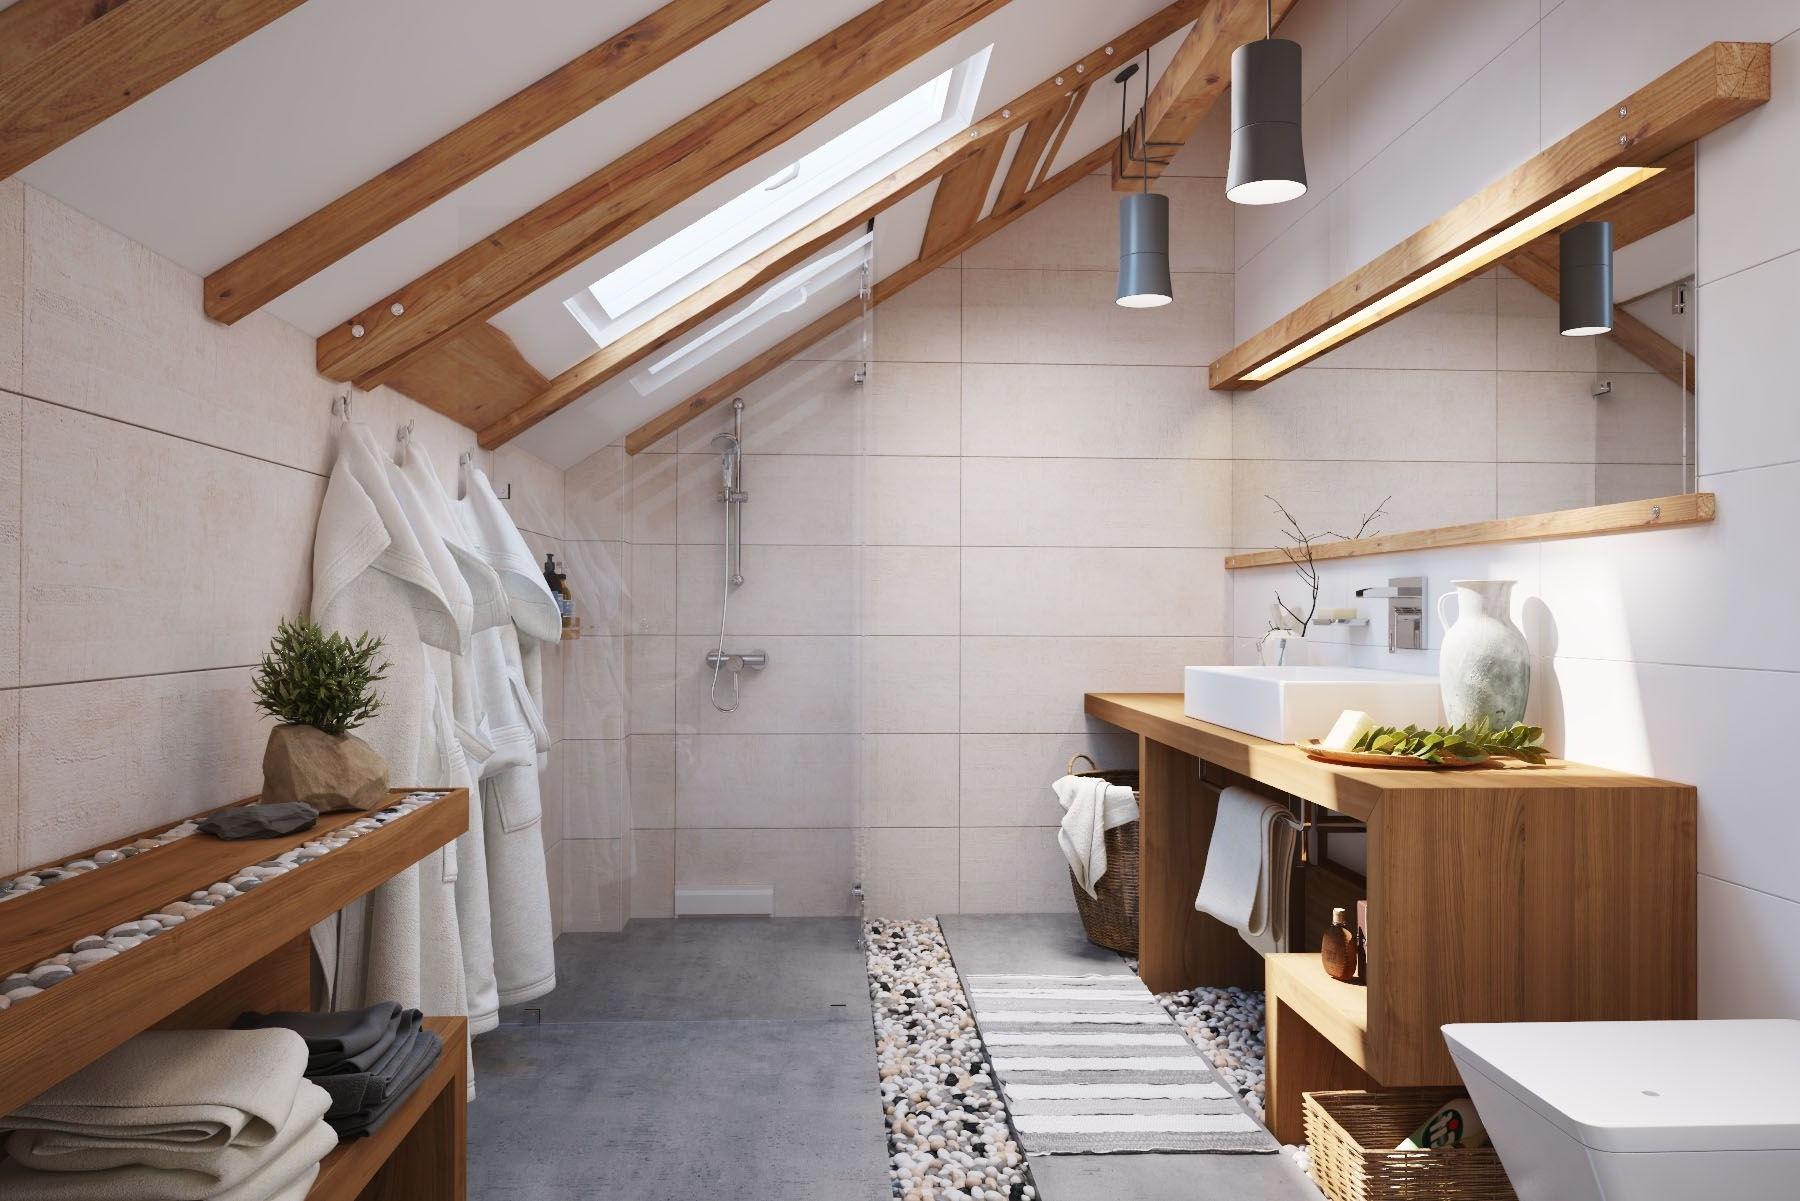 Une caractéristique pratique de cette salle de bain sont les fenêtres qui laissent entrer la lumière naturelle.